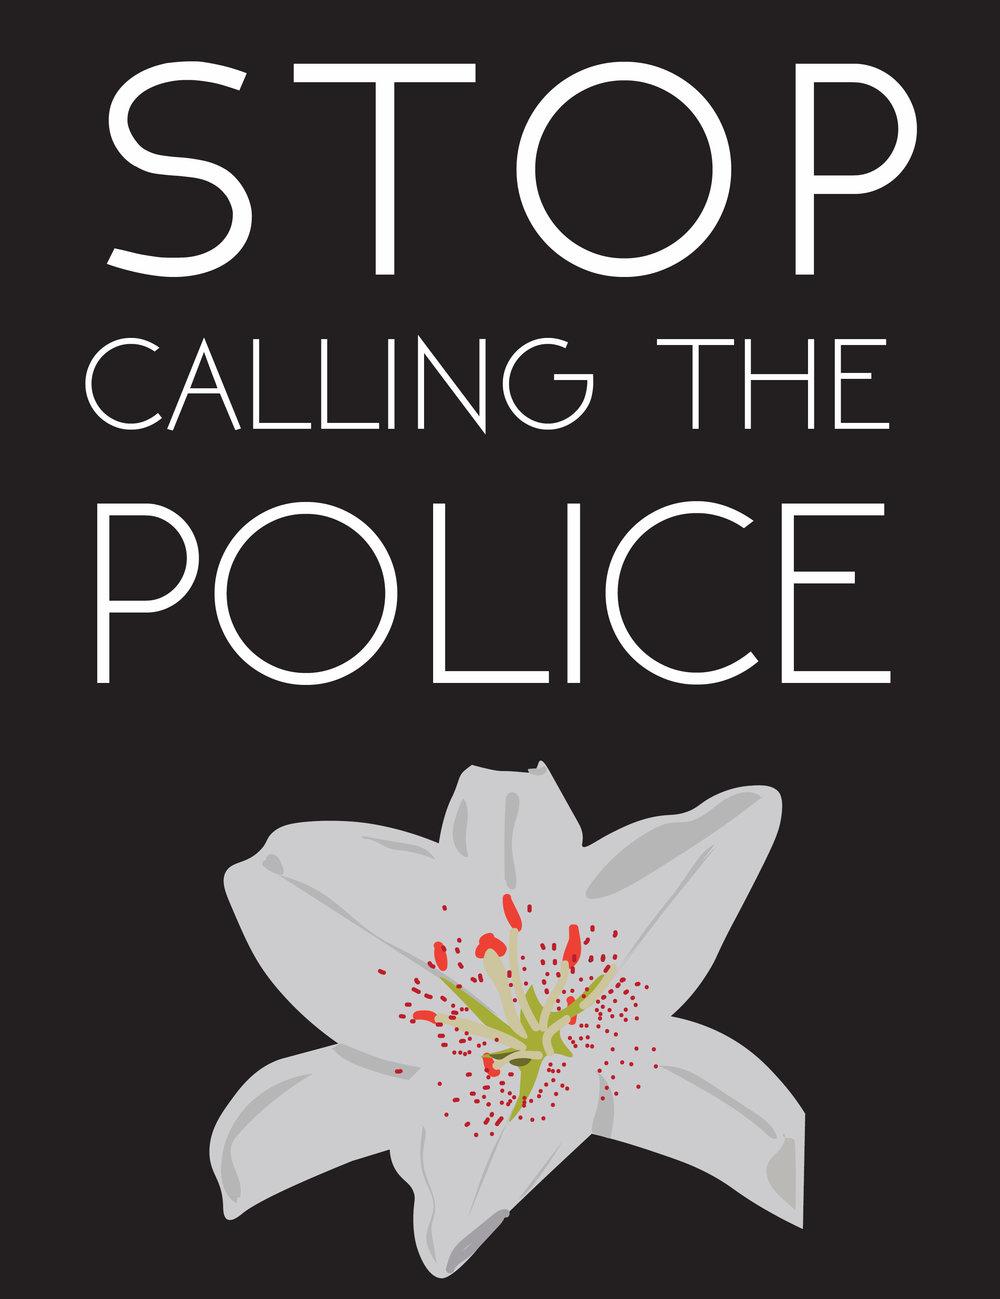 FLowerStop calling police.jpg